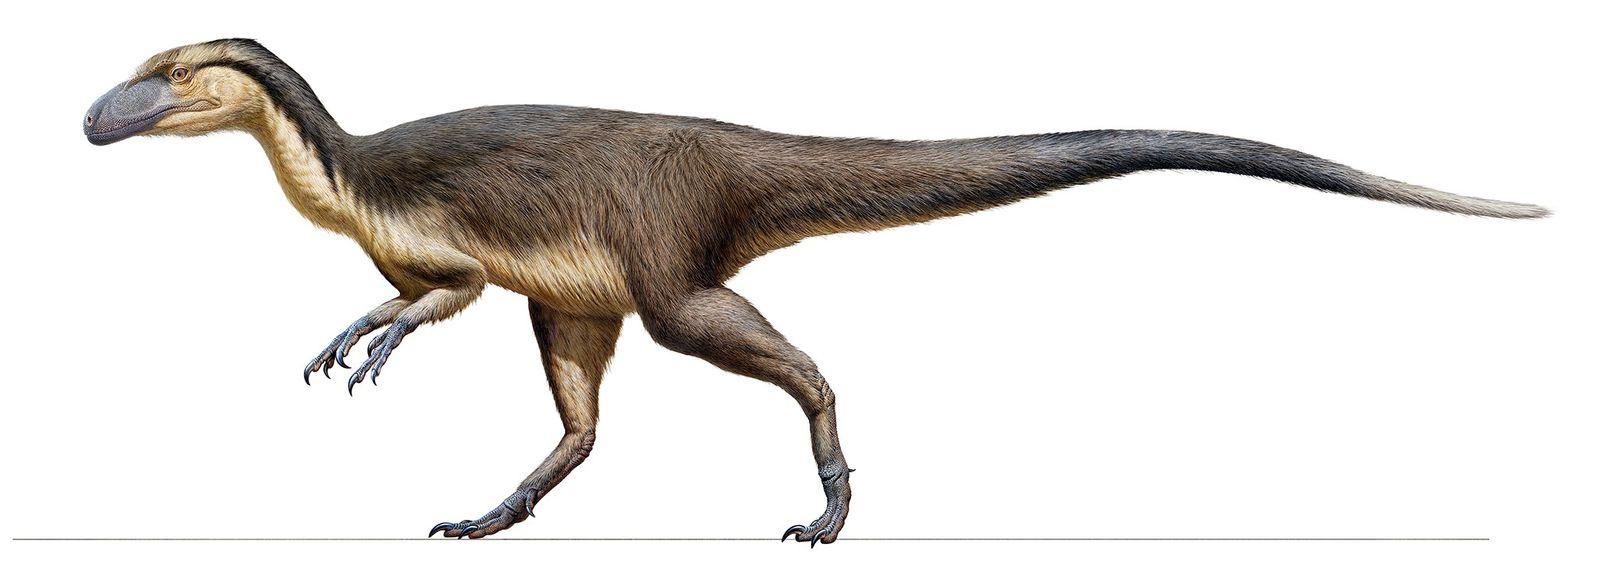 Uma área com penas fossilizadas encontrada na Austrália fornece evidências sólidas de que pequenos dinossauros carnívoros, ...